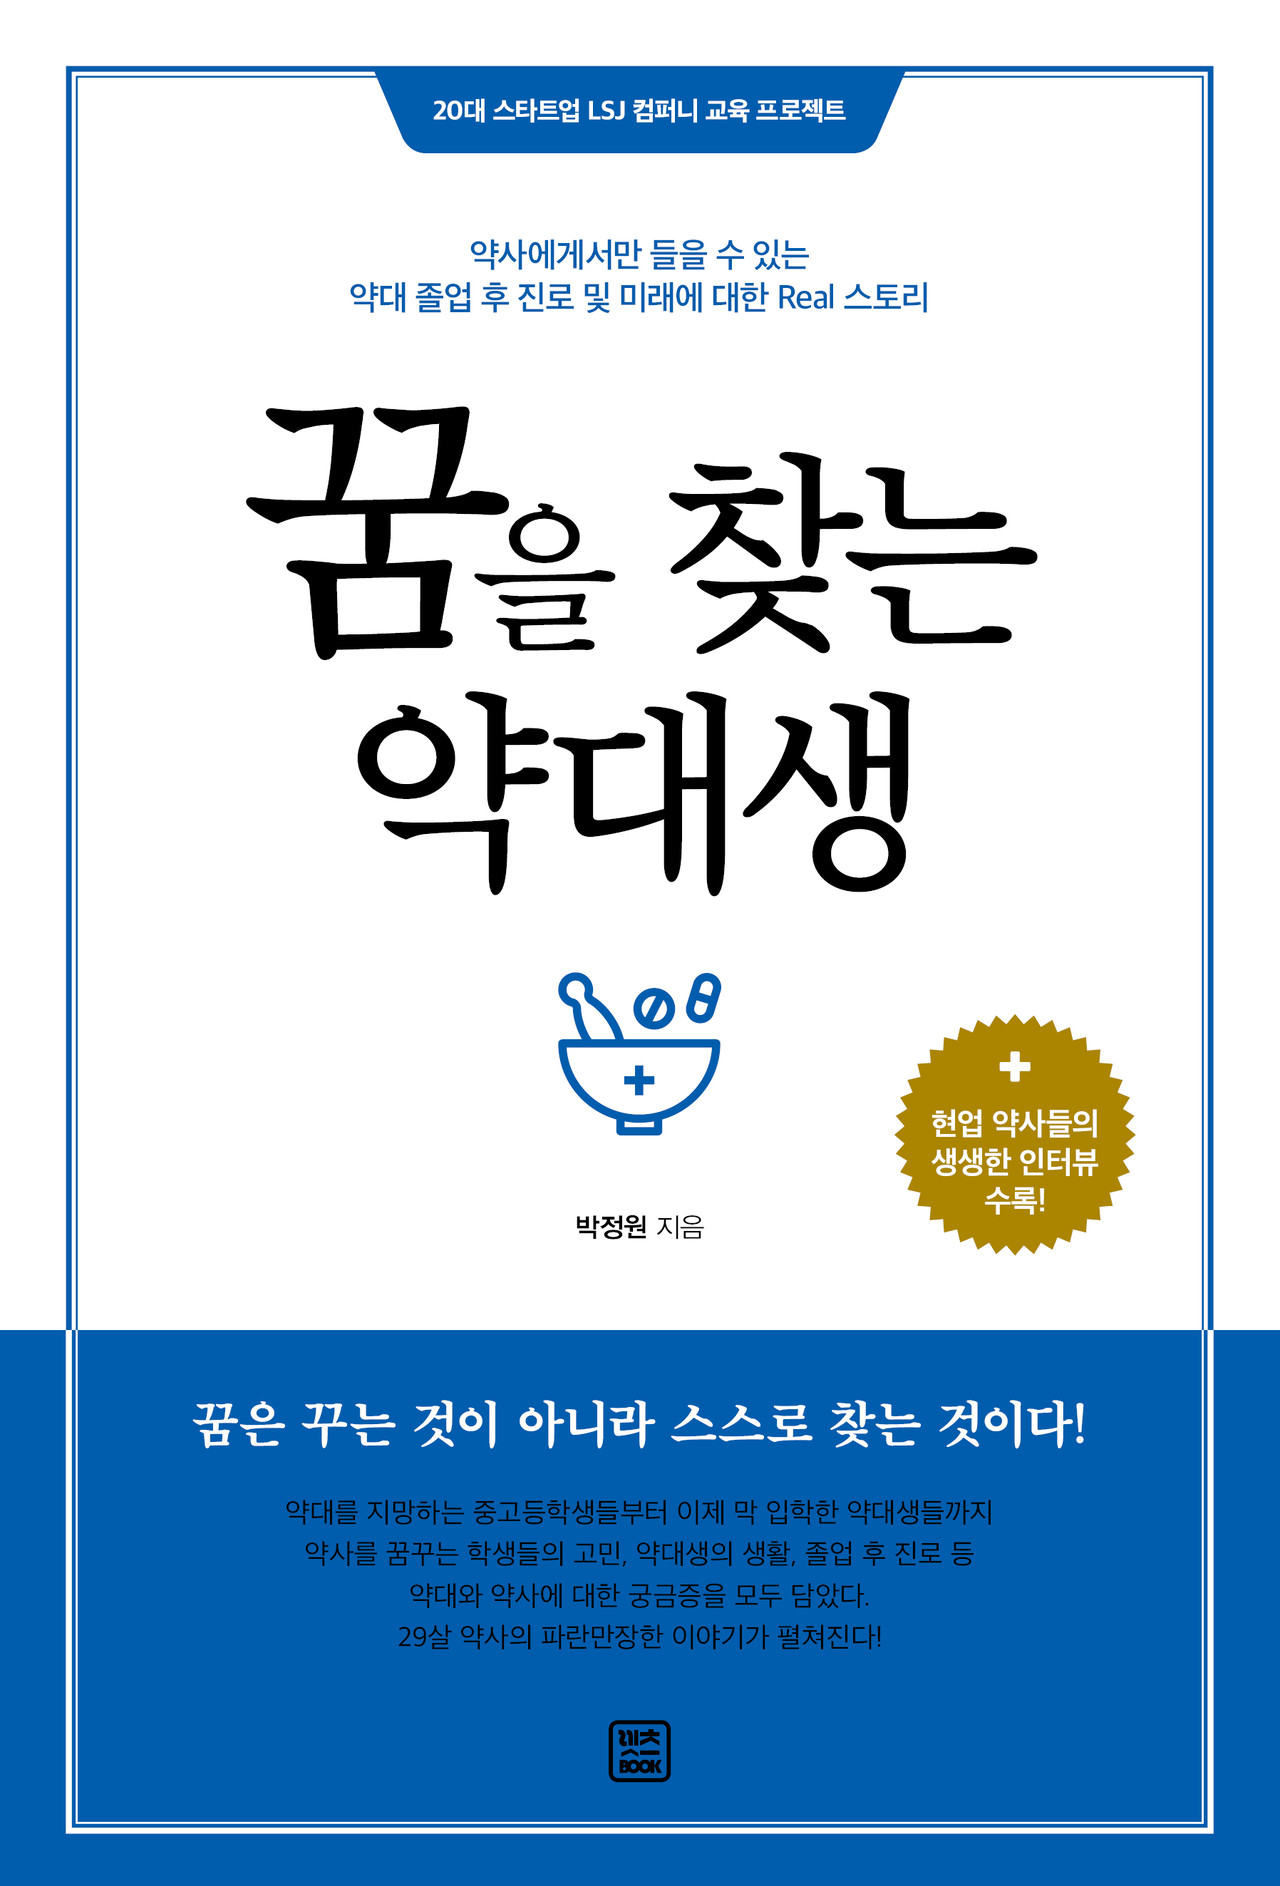 LSJ컴퍼니 자체기획제작-완판되어 4번째개정판까지! 베스트셀러 꿈을 찾는 시리즈